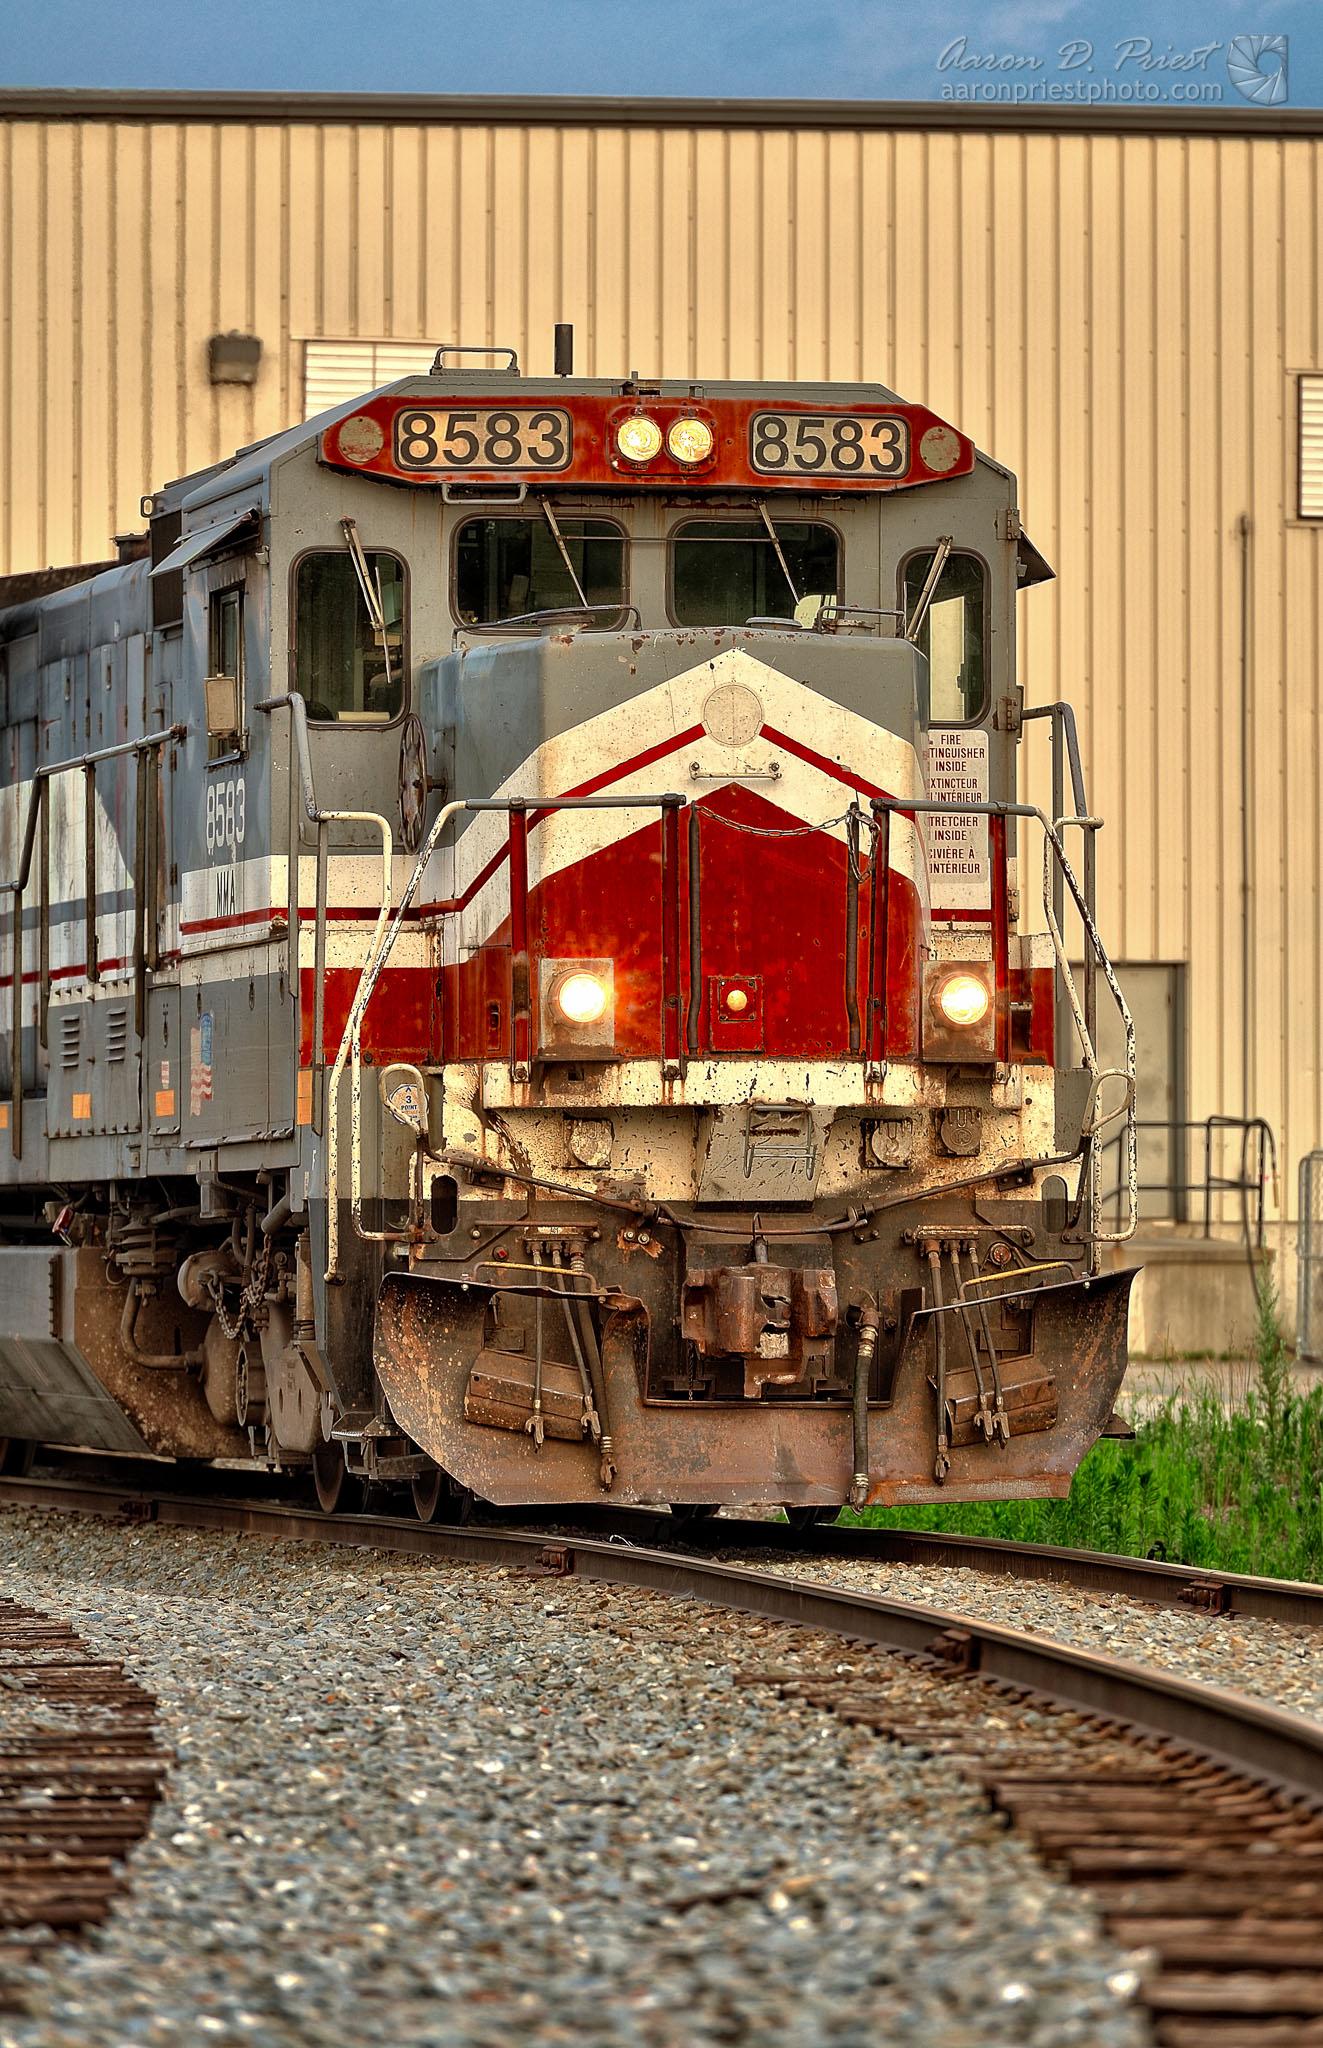 2011-07-21-41042.jpg